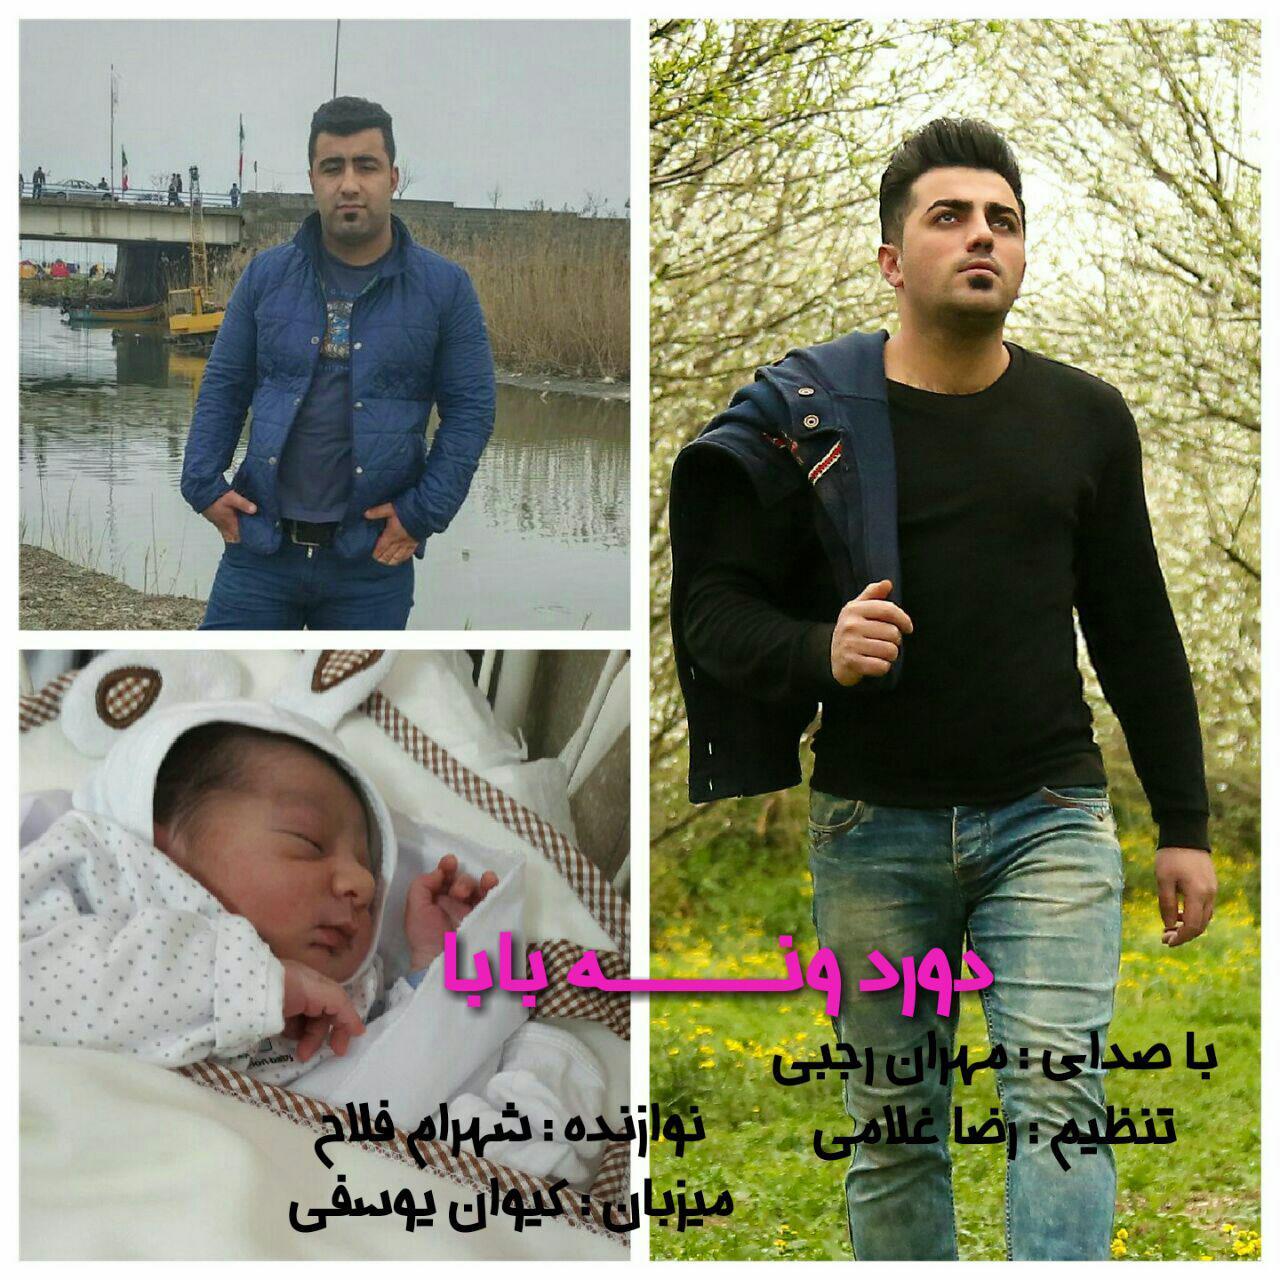 دانلود آهنگ جدید مهران رجبی به نام دور دونه بابا